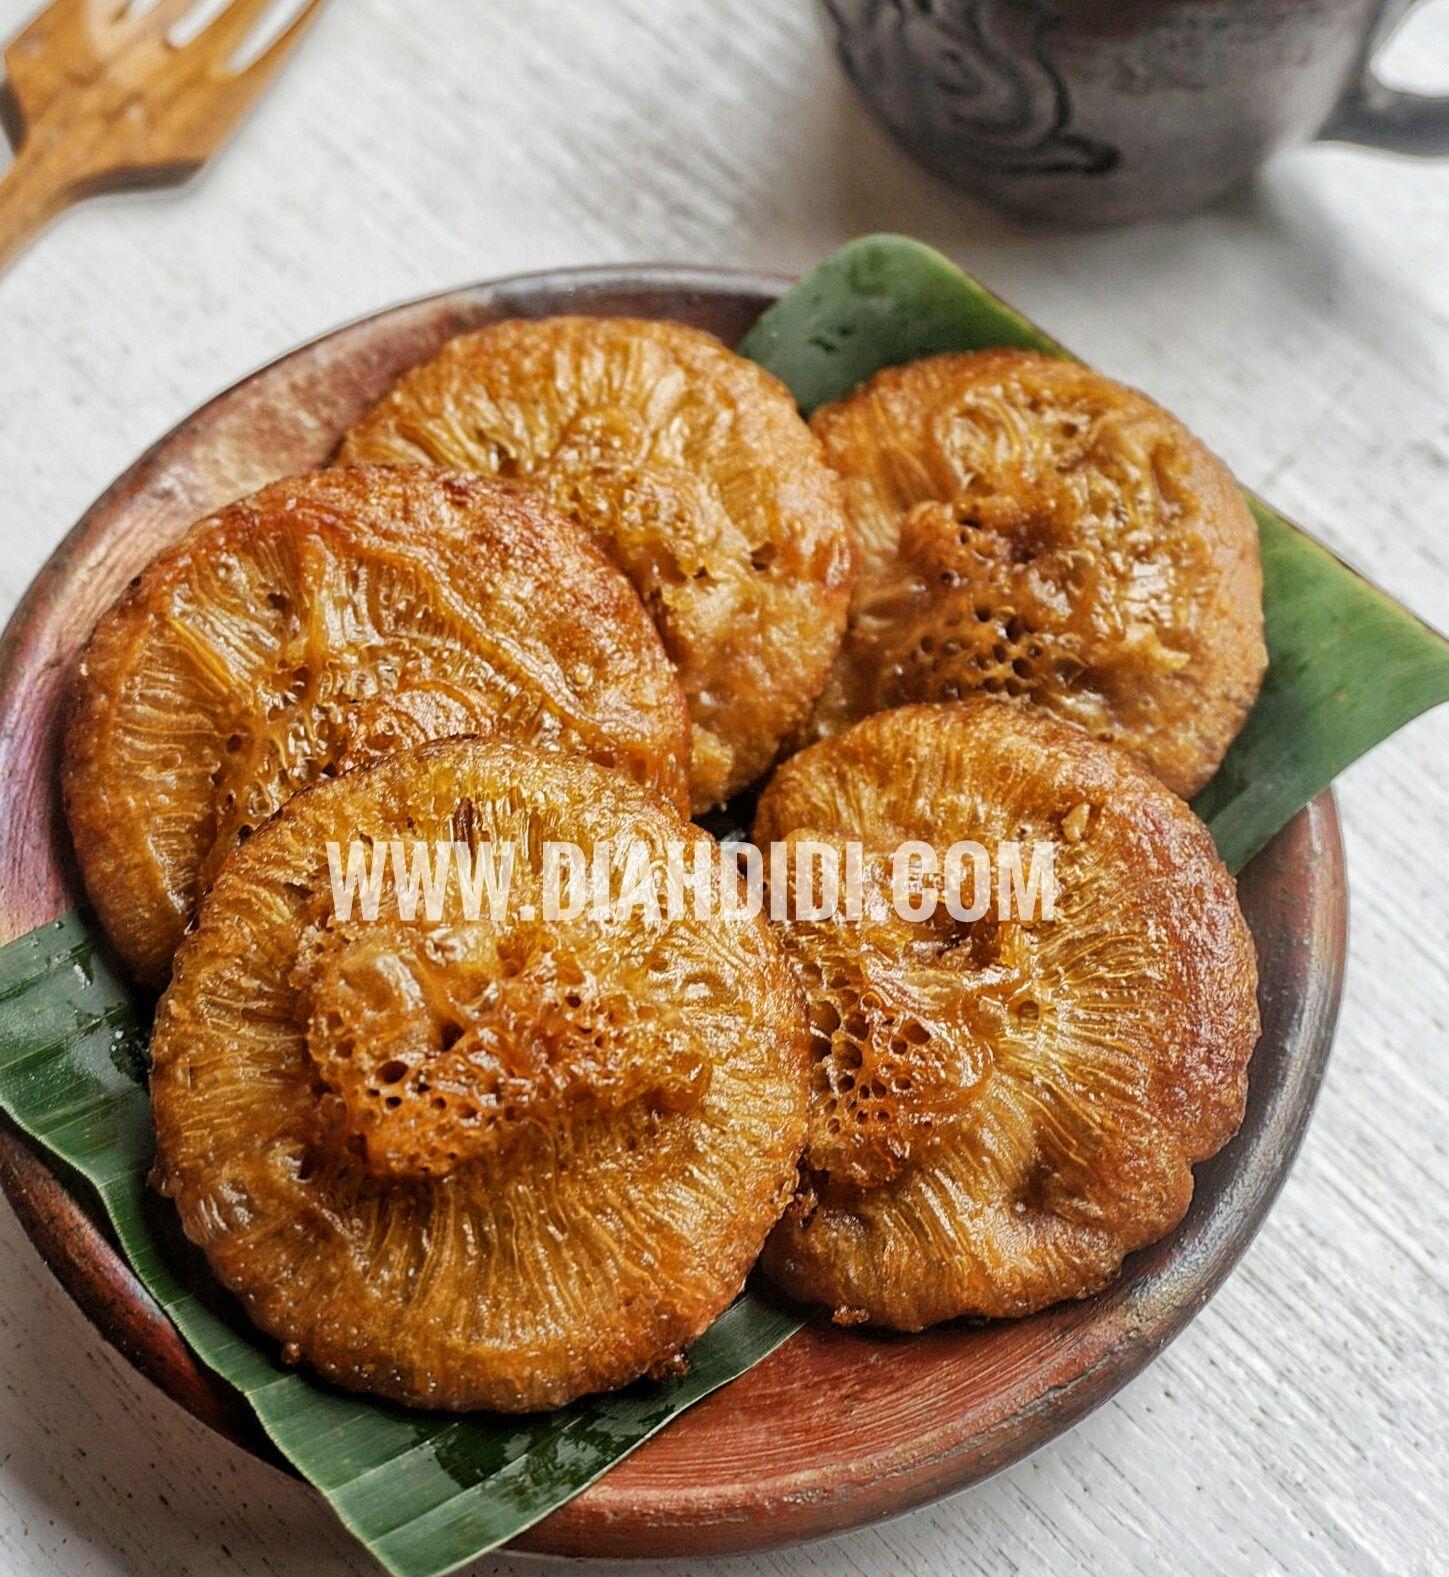 Blog Diah Didi Berisi Resep Masakan Praktis Yang Mudah Dipraktekkan Di Rumah Resep Masakan Resep Kue